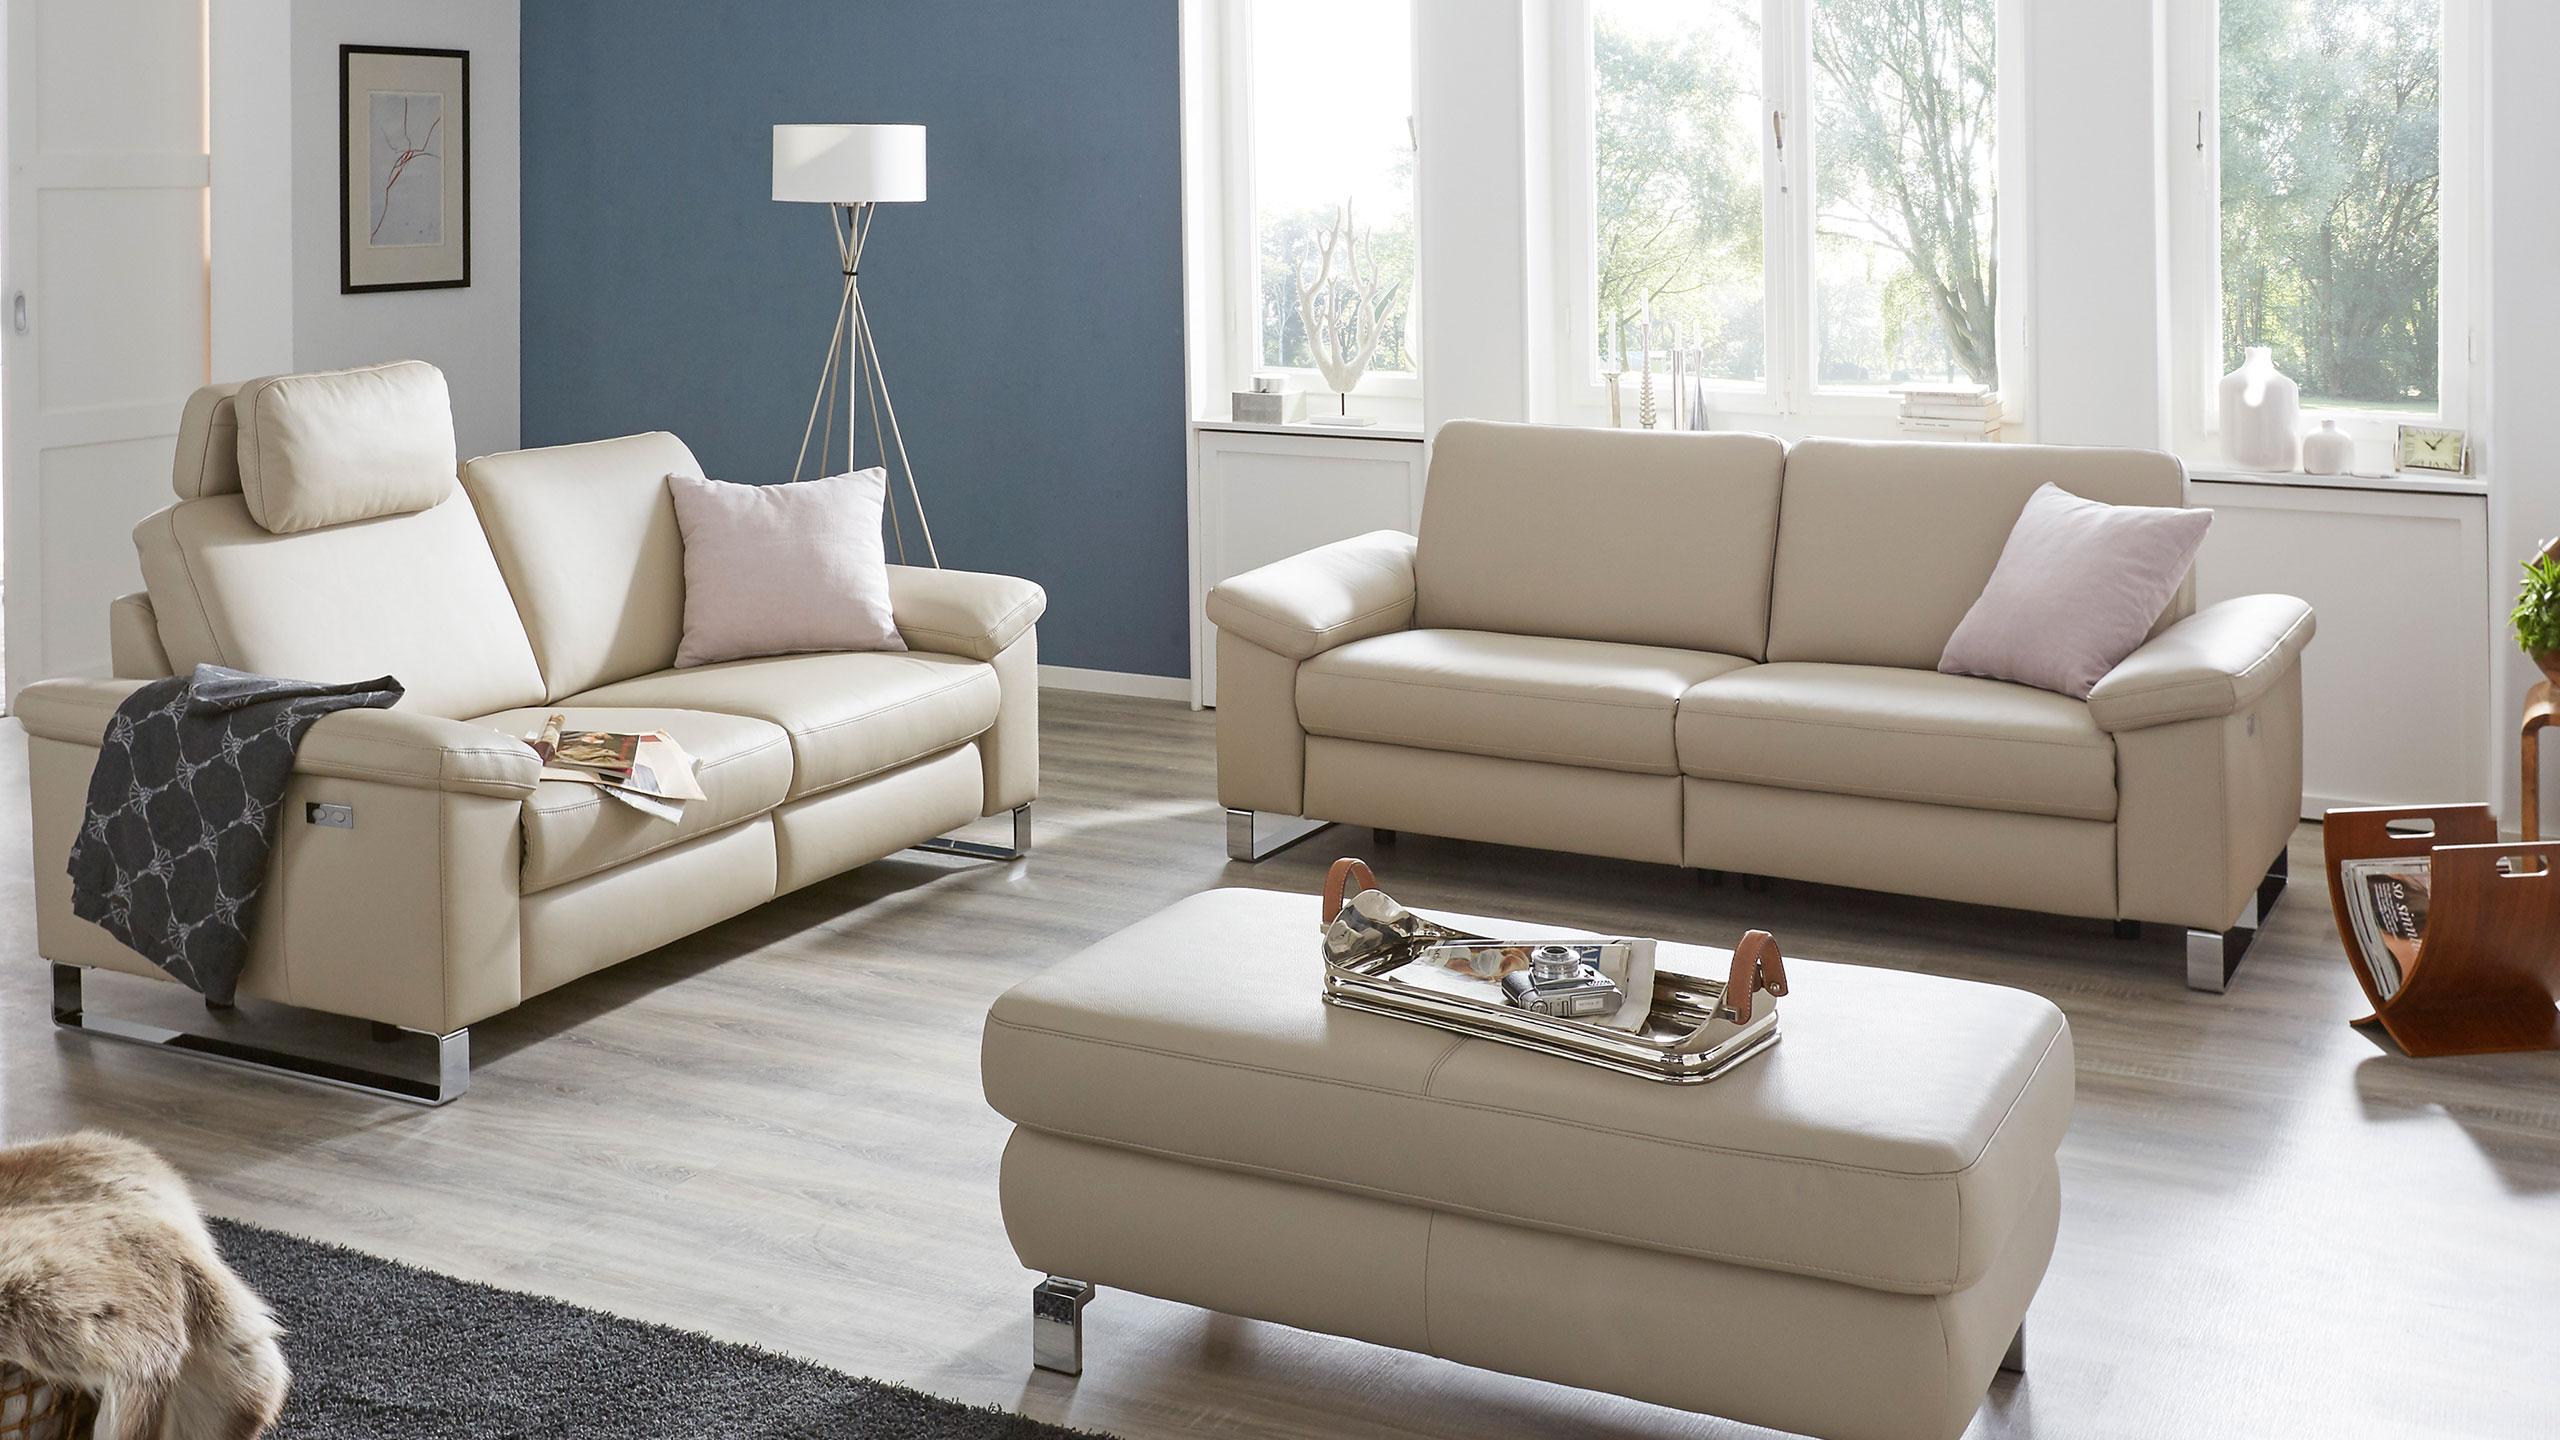 Casco Sofa Garnitur Leder Beige